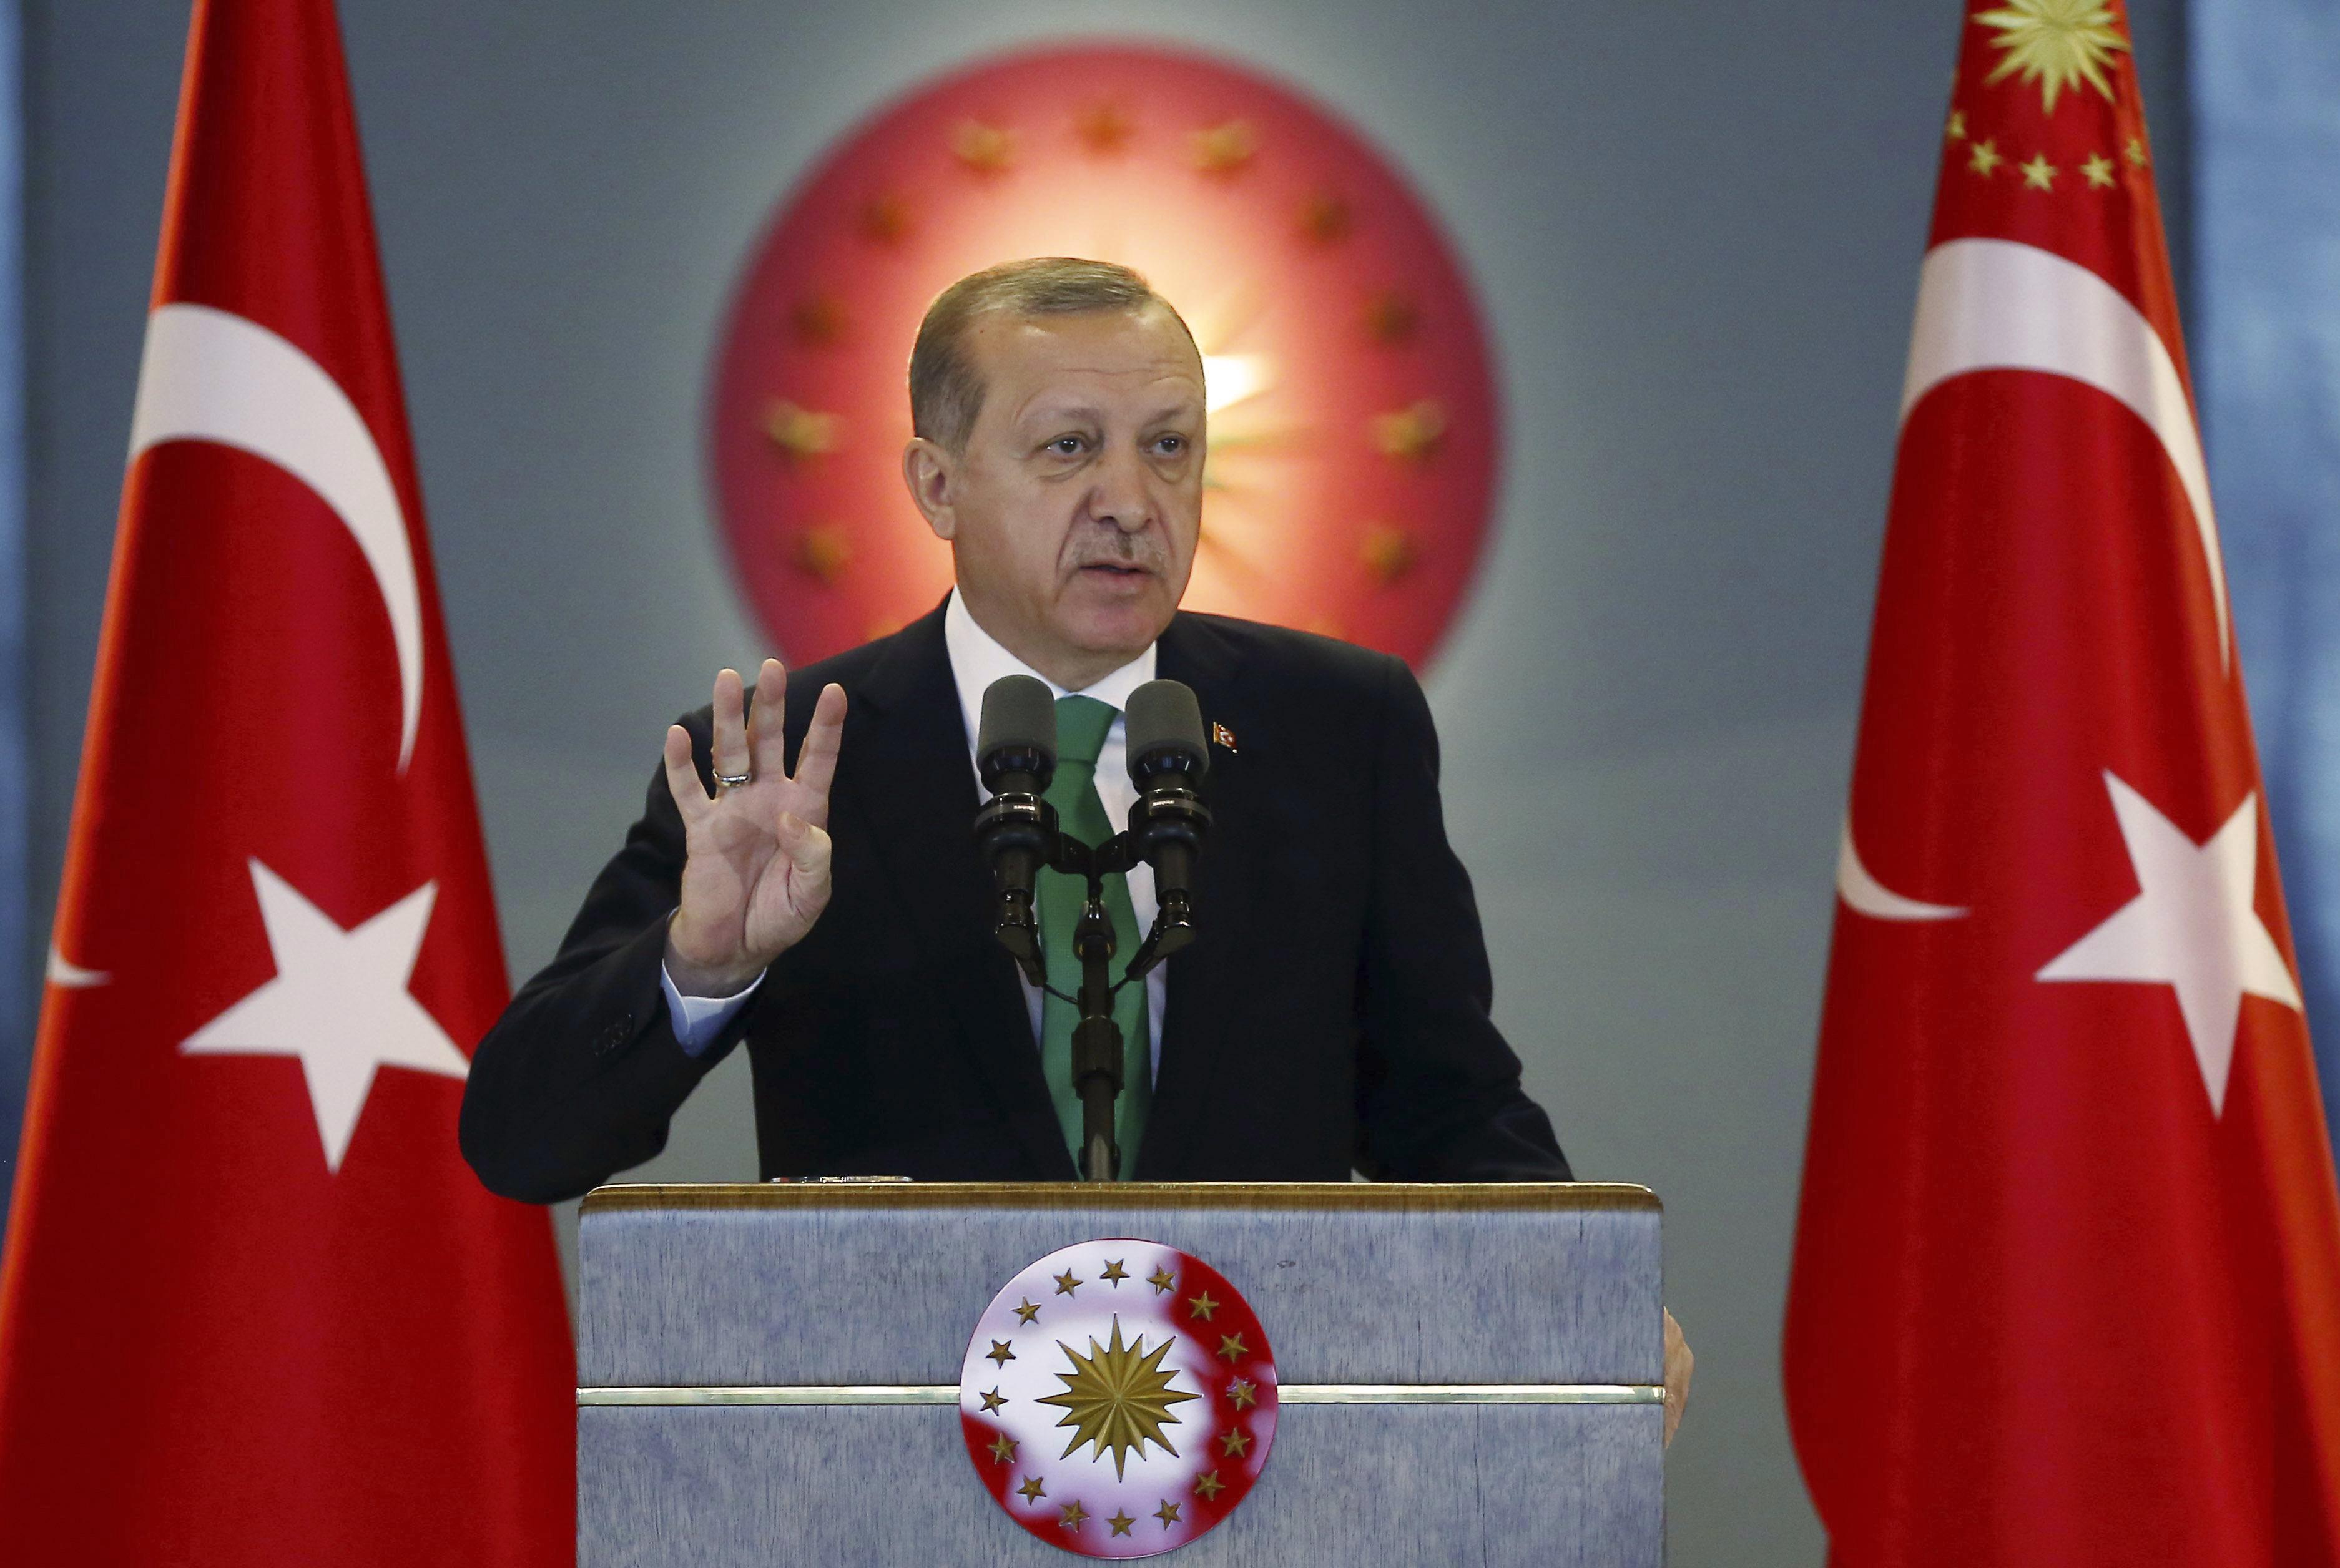 Erdogan szerint a népszavazás nem az ő hatalmáról szólt, hiszen ő csak egy halandó ember, bármikor meghalhat